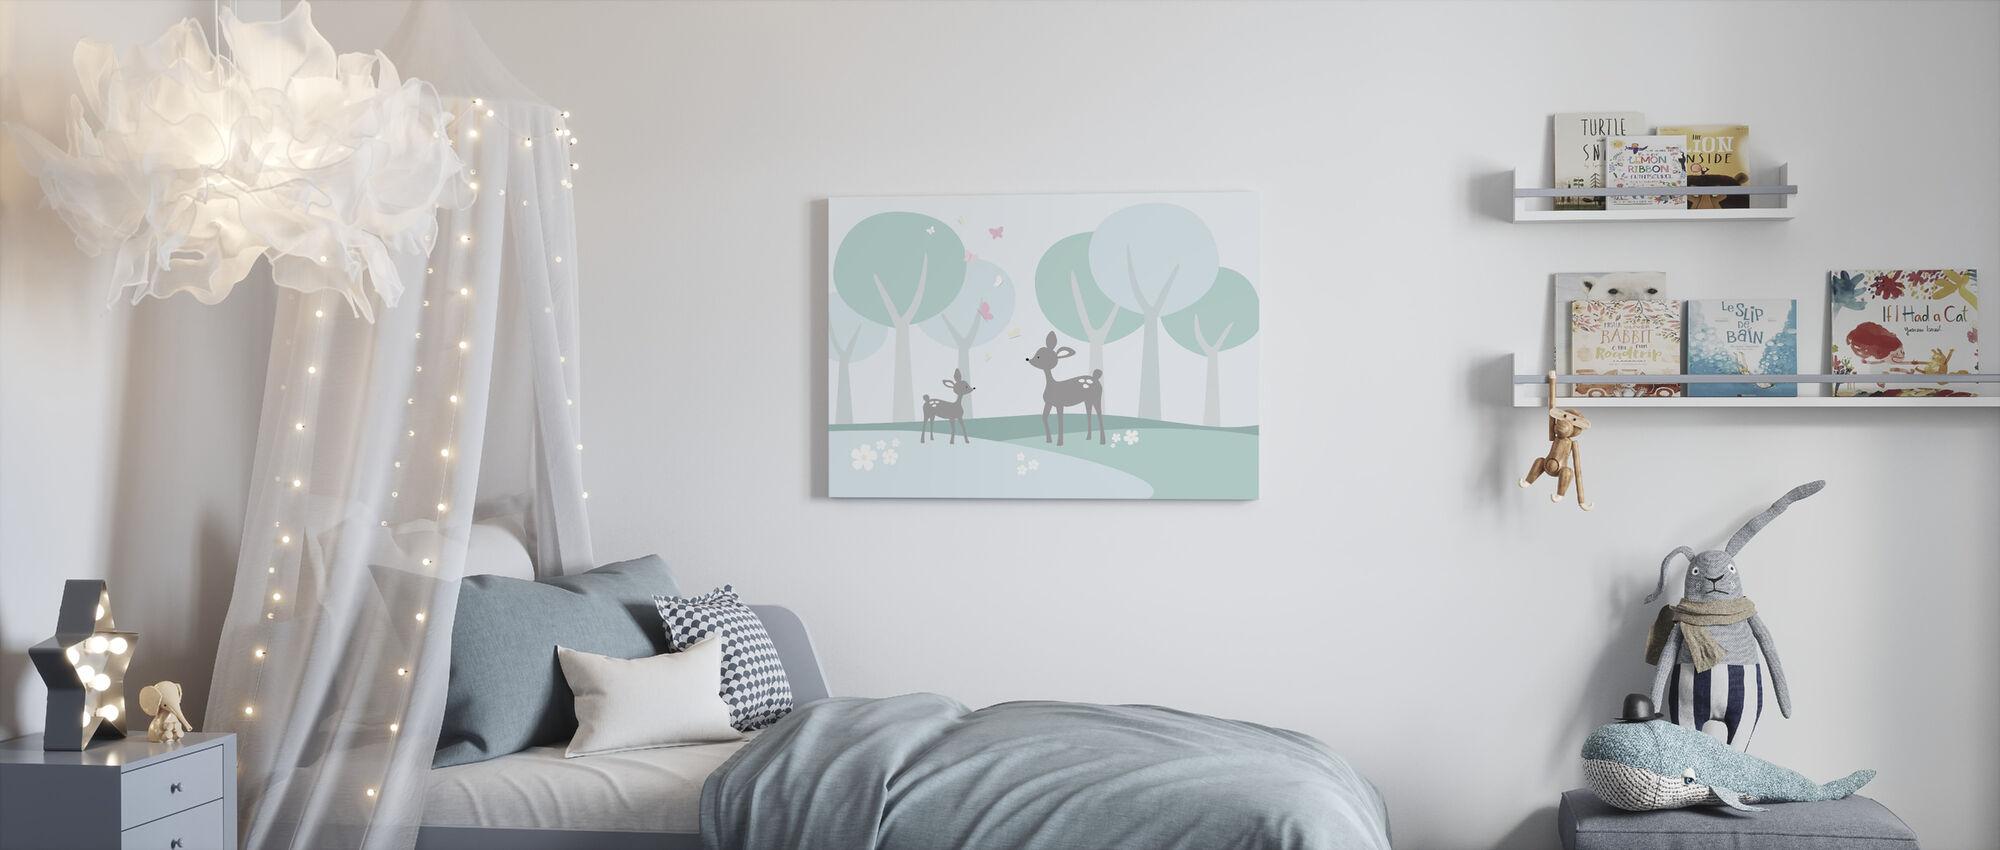 Deer in Woods - Canvas print - Kids Room